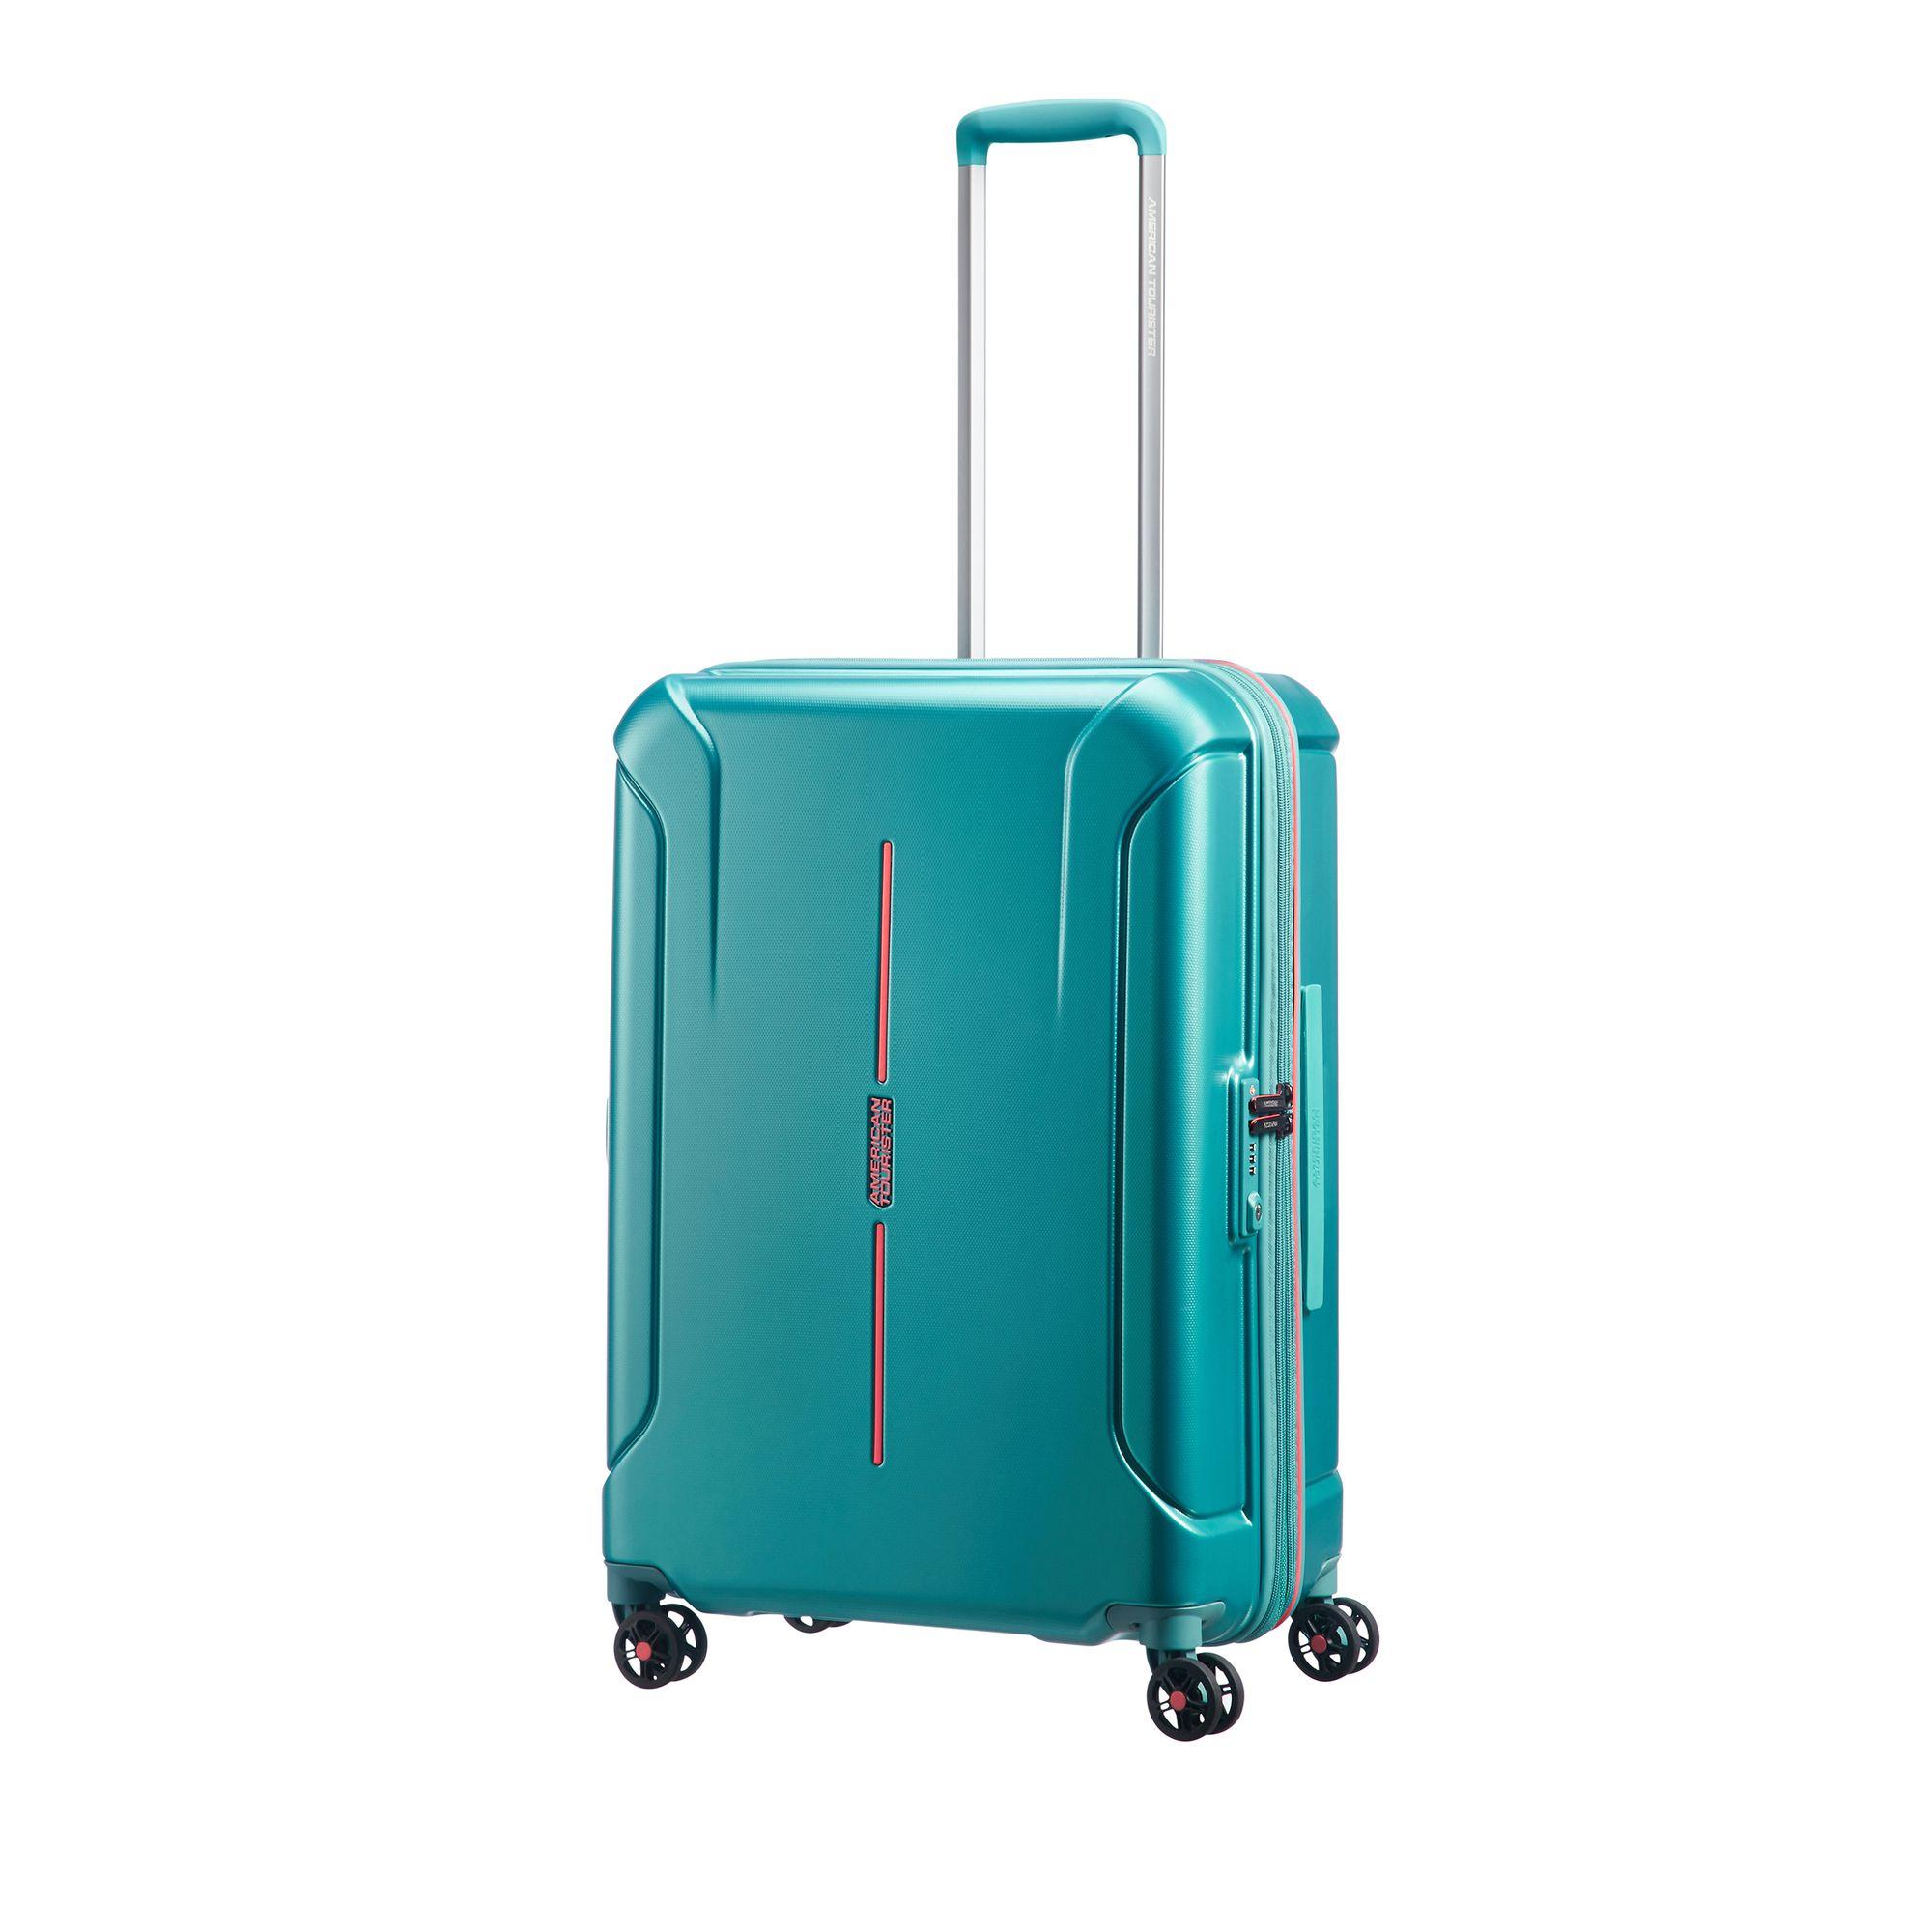 American Tourister Technum hård resväska, 4 hjul, 66 cm, Grön